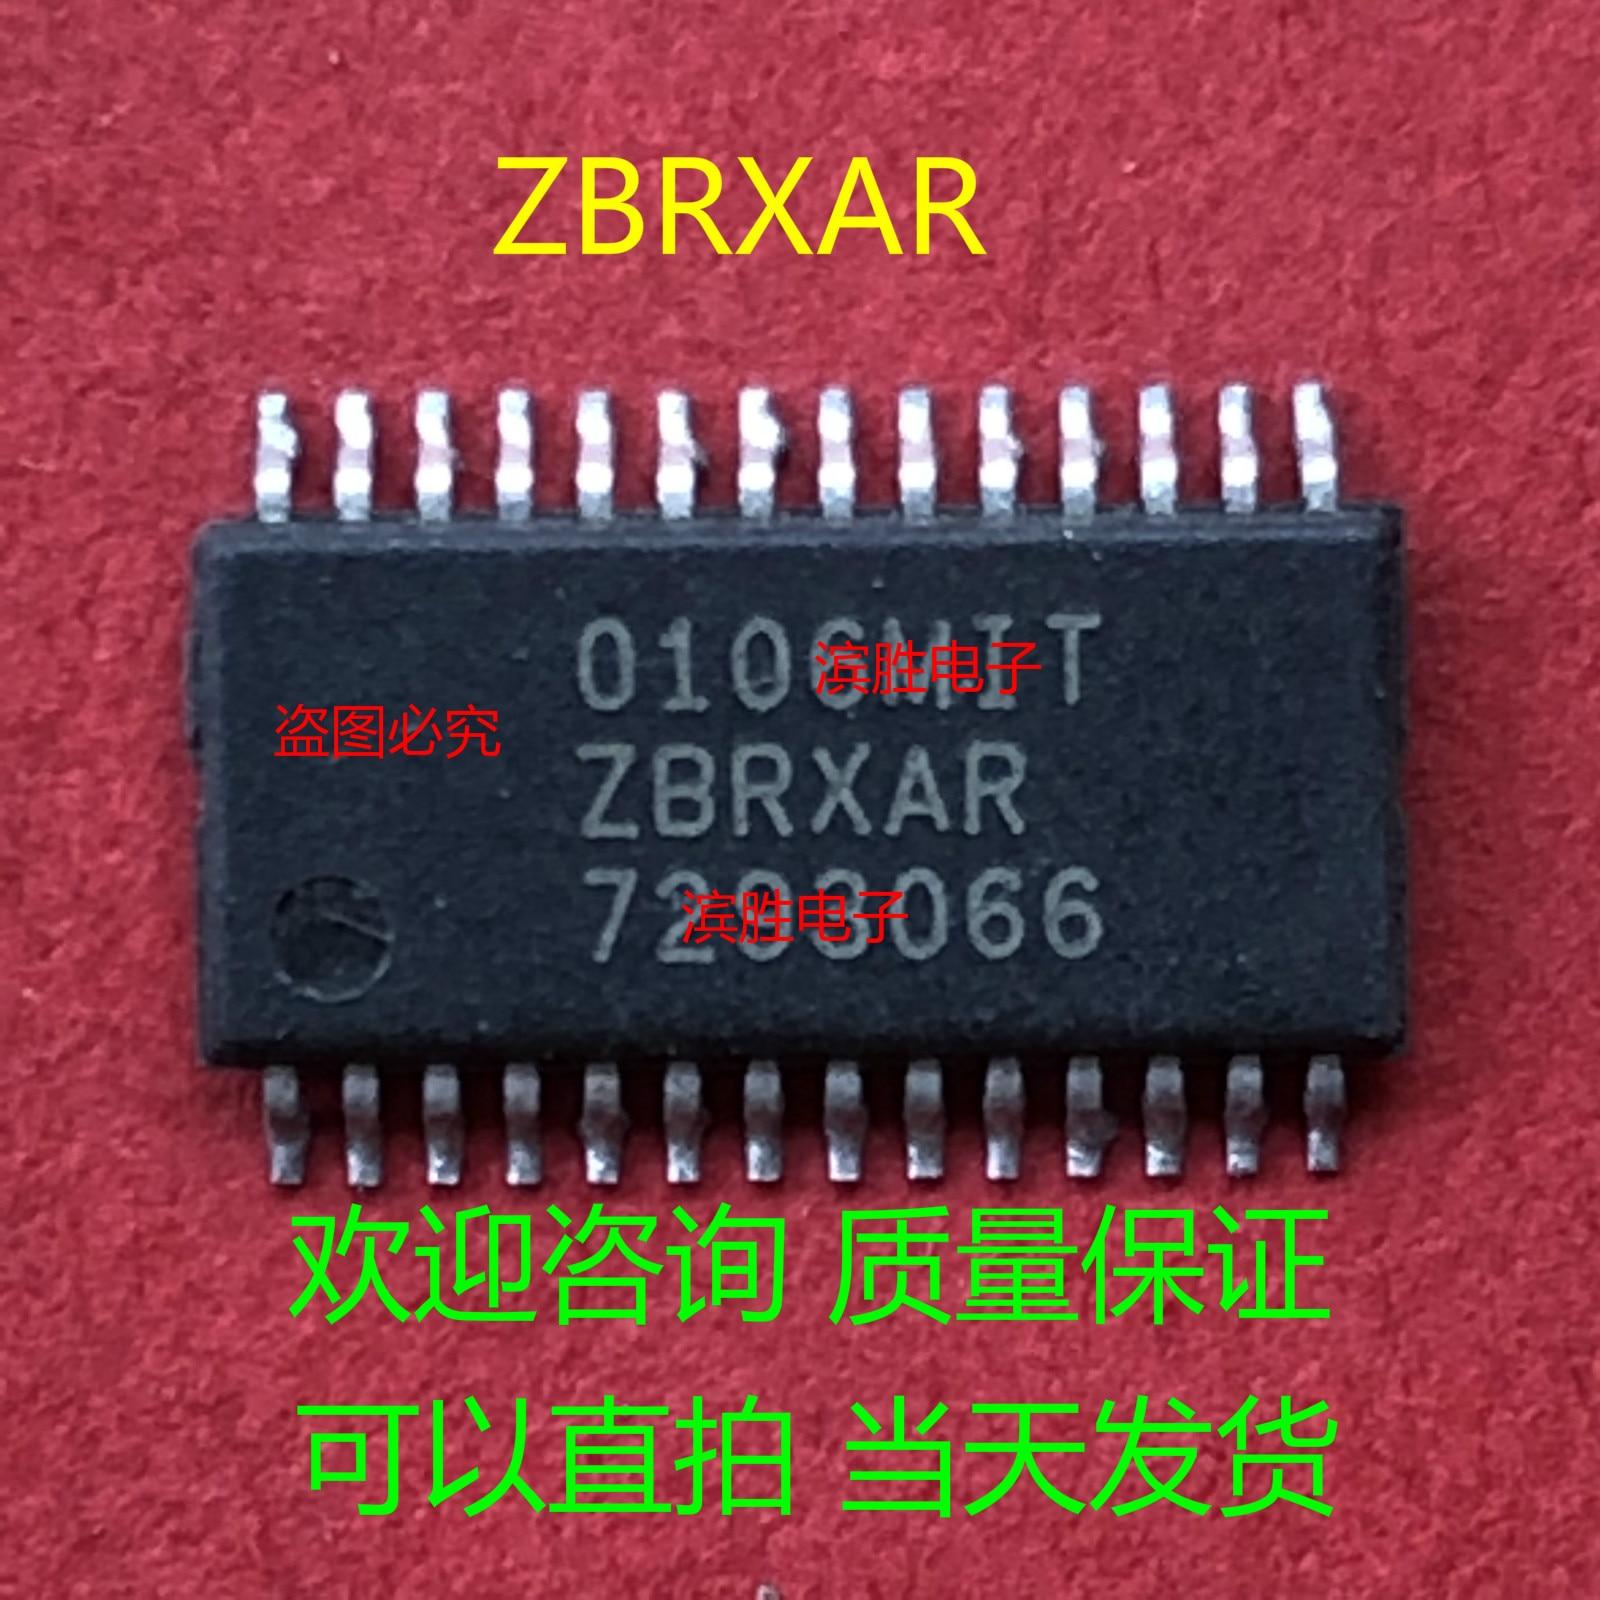 ZBRXAR TSSOP28 IC spot supply, гарантия качества, простота использования, добро пожаловать на консультацию, спот может быть прямым